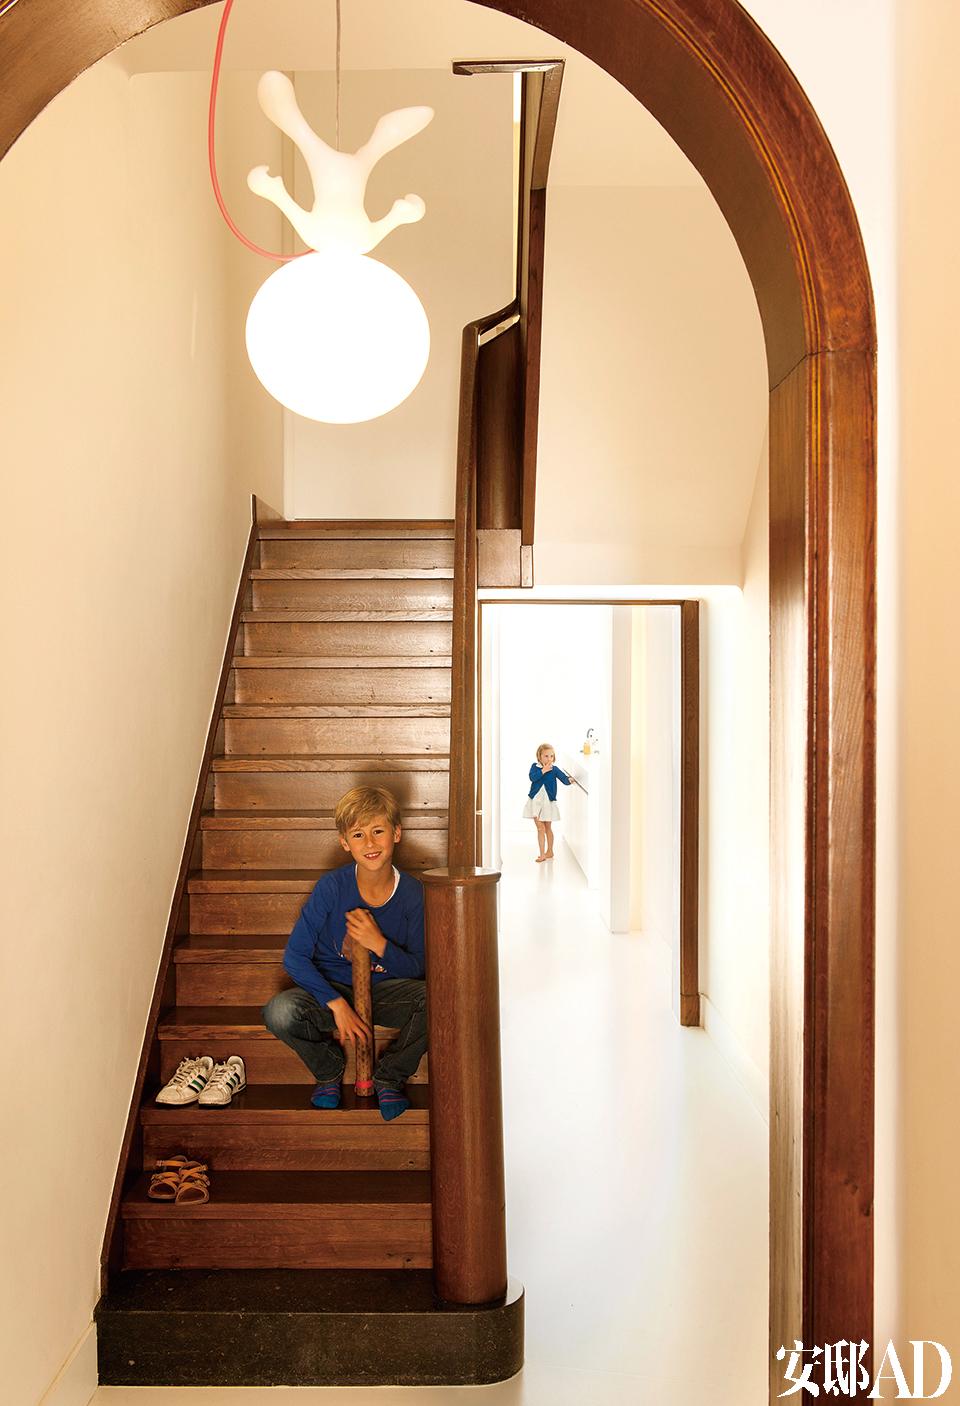 新装的楼梯采用了木质材料,与各个房间里的木地板相呼应,带来温暖的质感。坐在楼梯上的,是Kris夫妇俩8岁的儿子Edgar,远处厨房里的小女孩儿, 则是比Edgar小两岁的妹妹Julia。